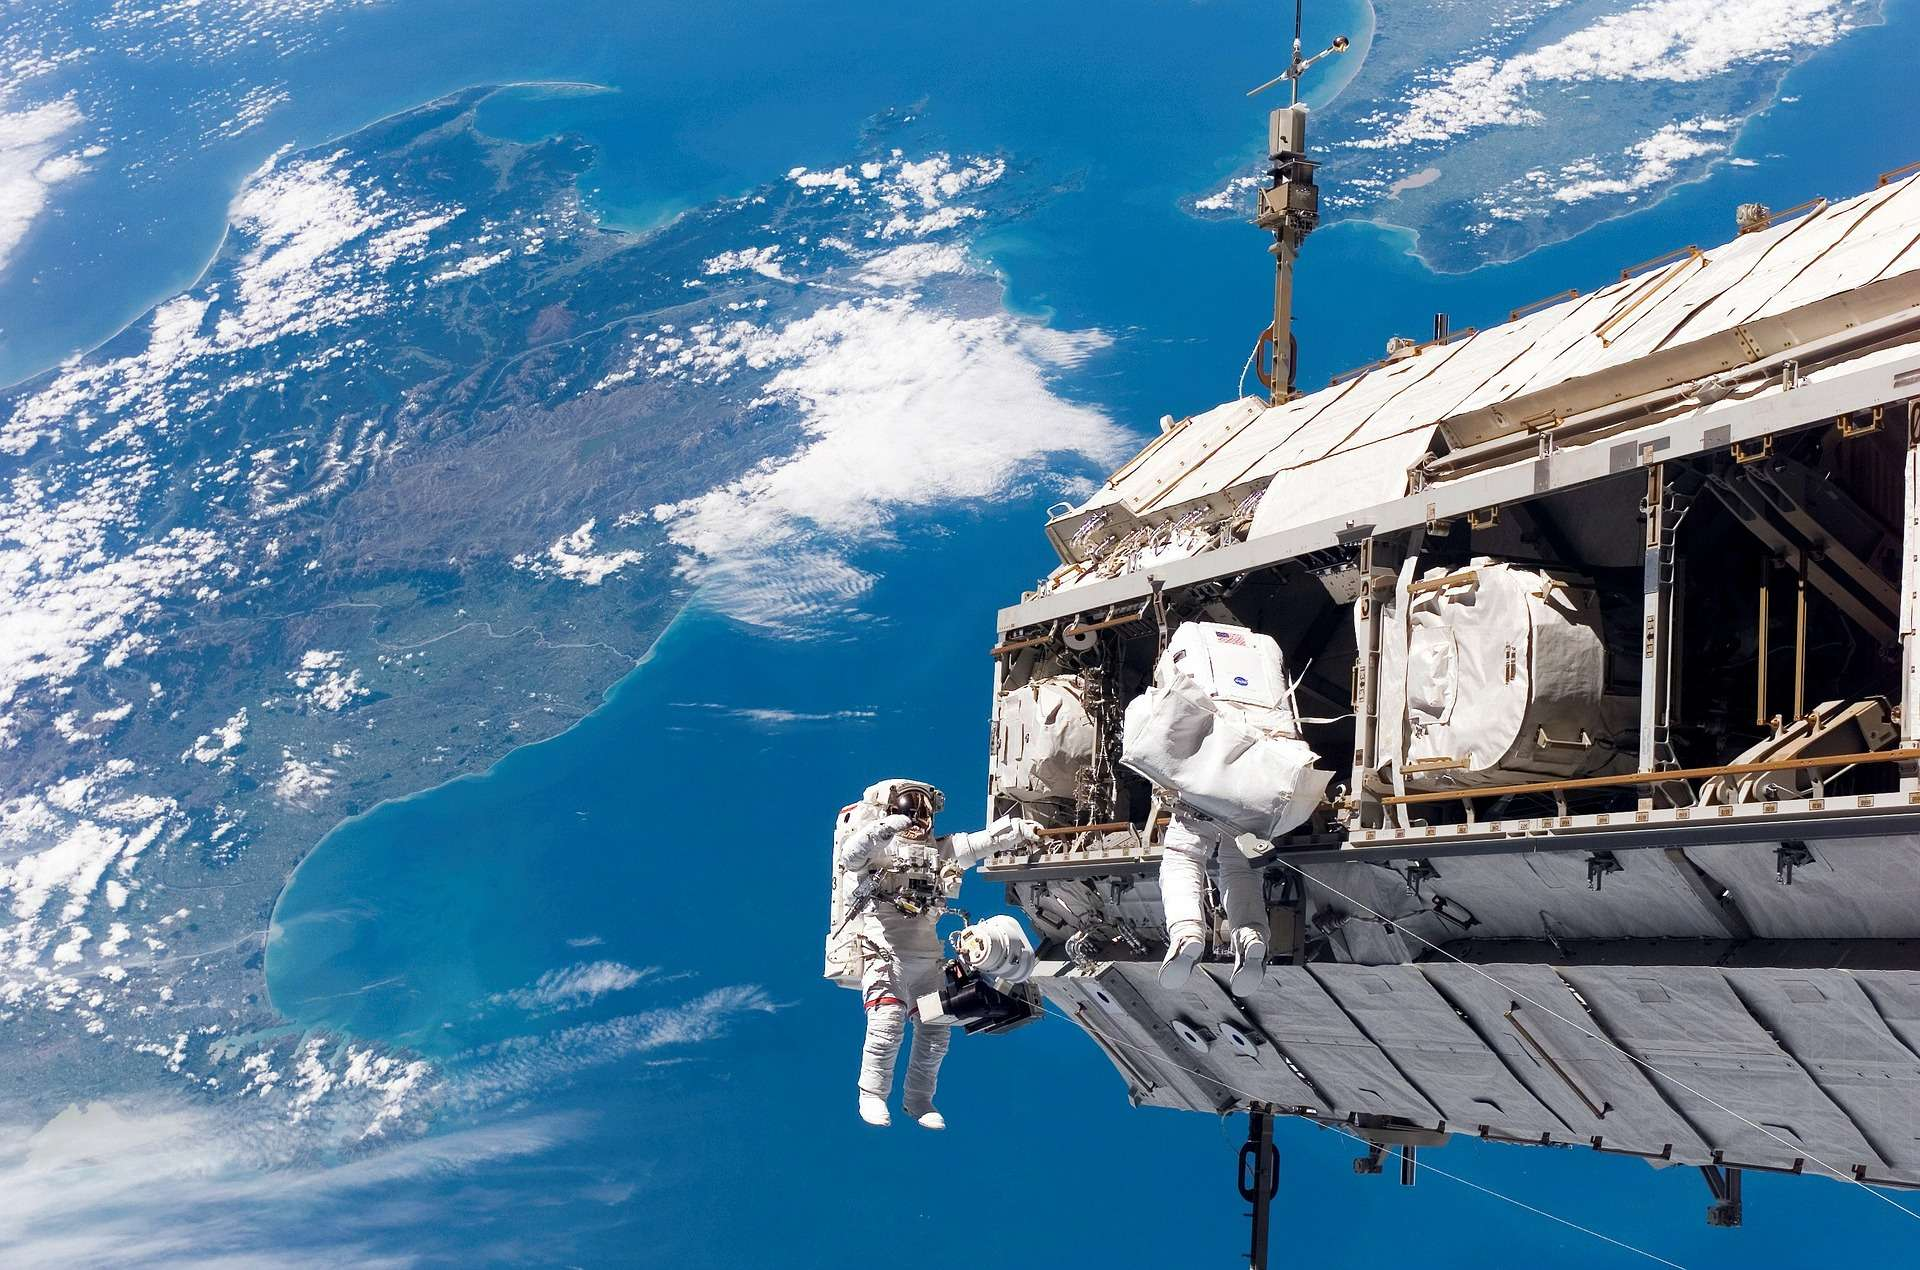 Le premier spacewalker est Alexei Leonov, un astronaute russe. Il a réalisé la première marche dans l'espace le 18 mars 1965. © Nasa